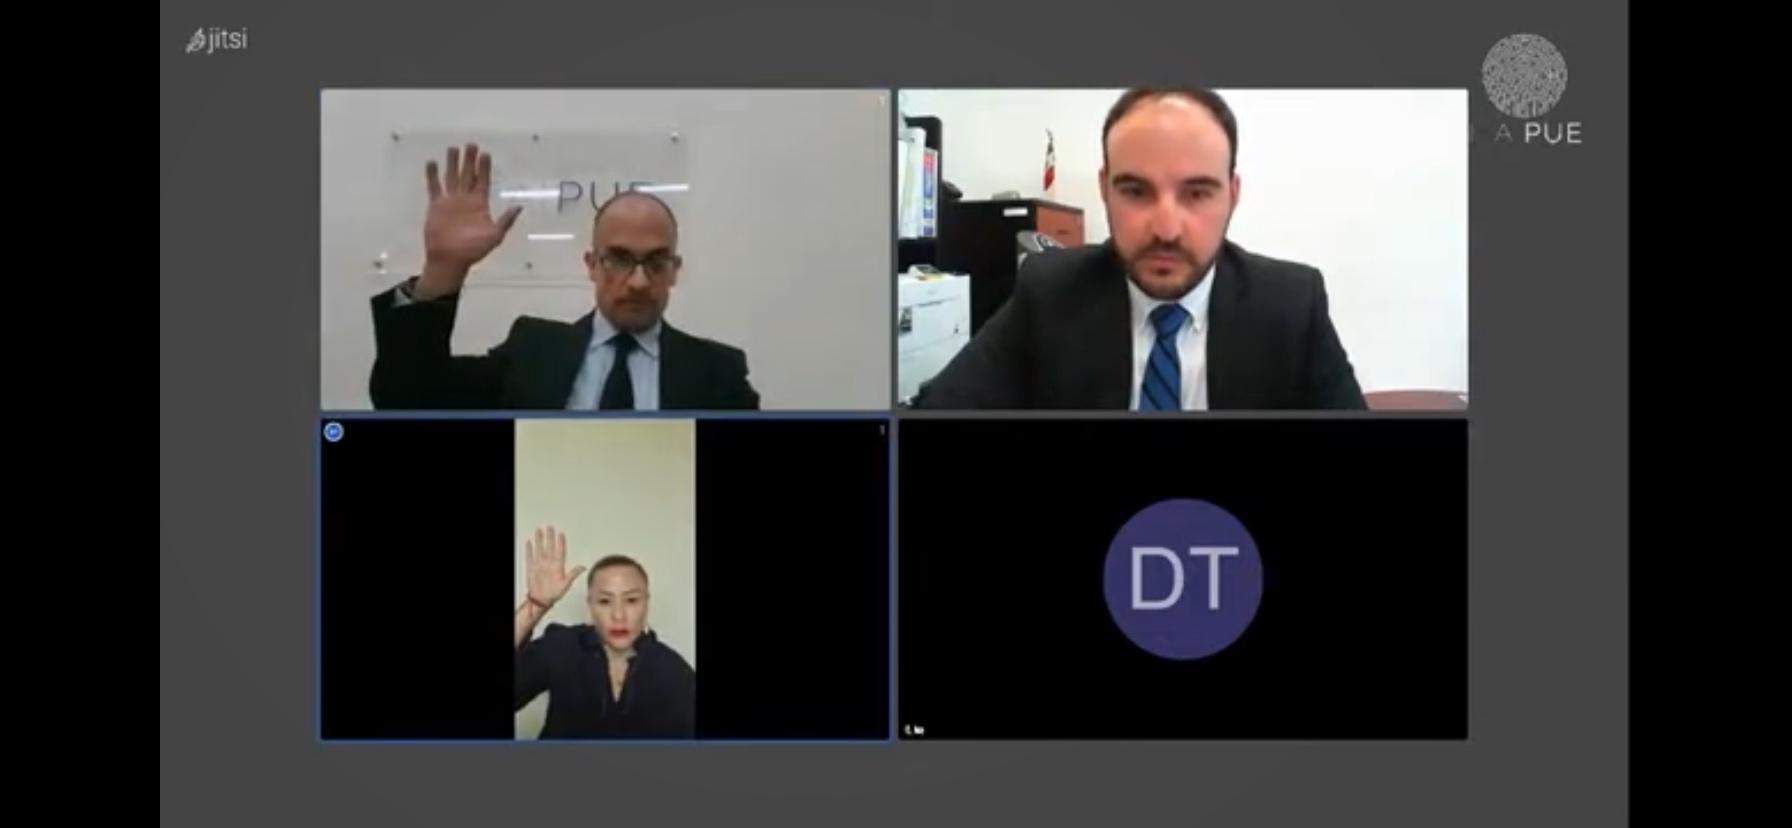 Resuelve ITAIPUE 9 denuncias por incumplimiento a obligaciones de transparencia